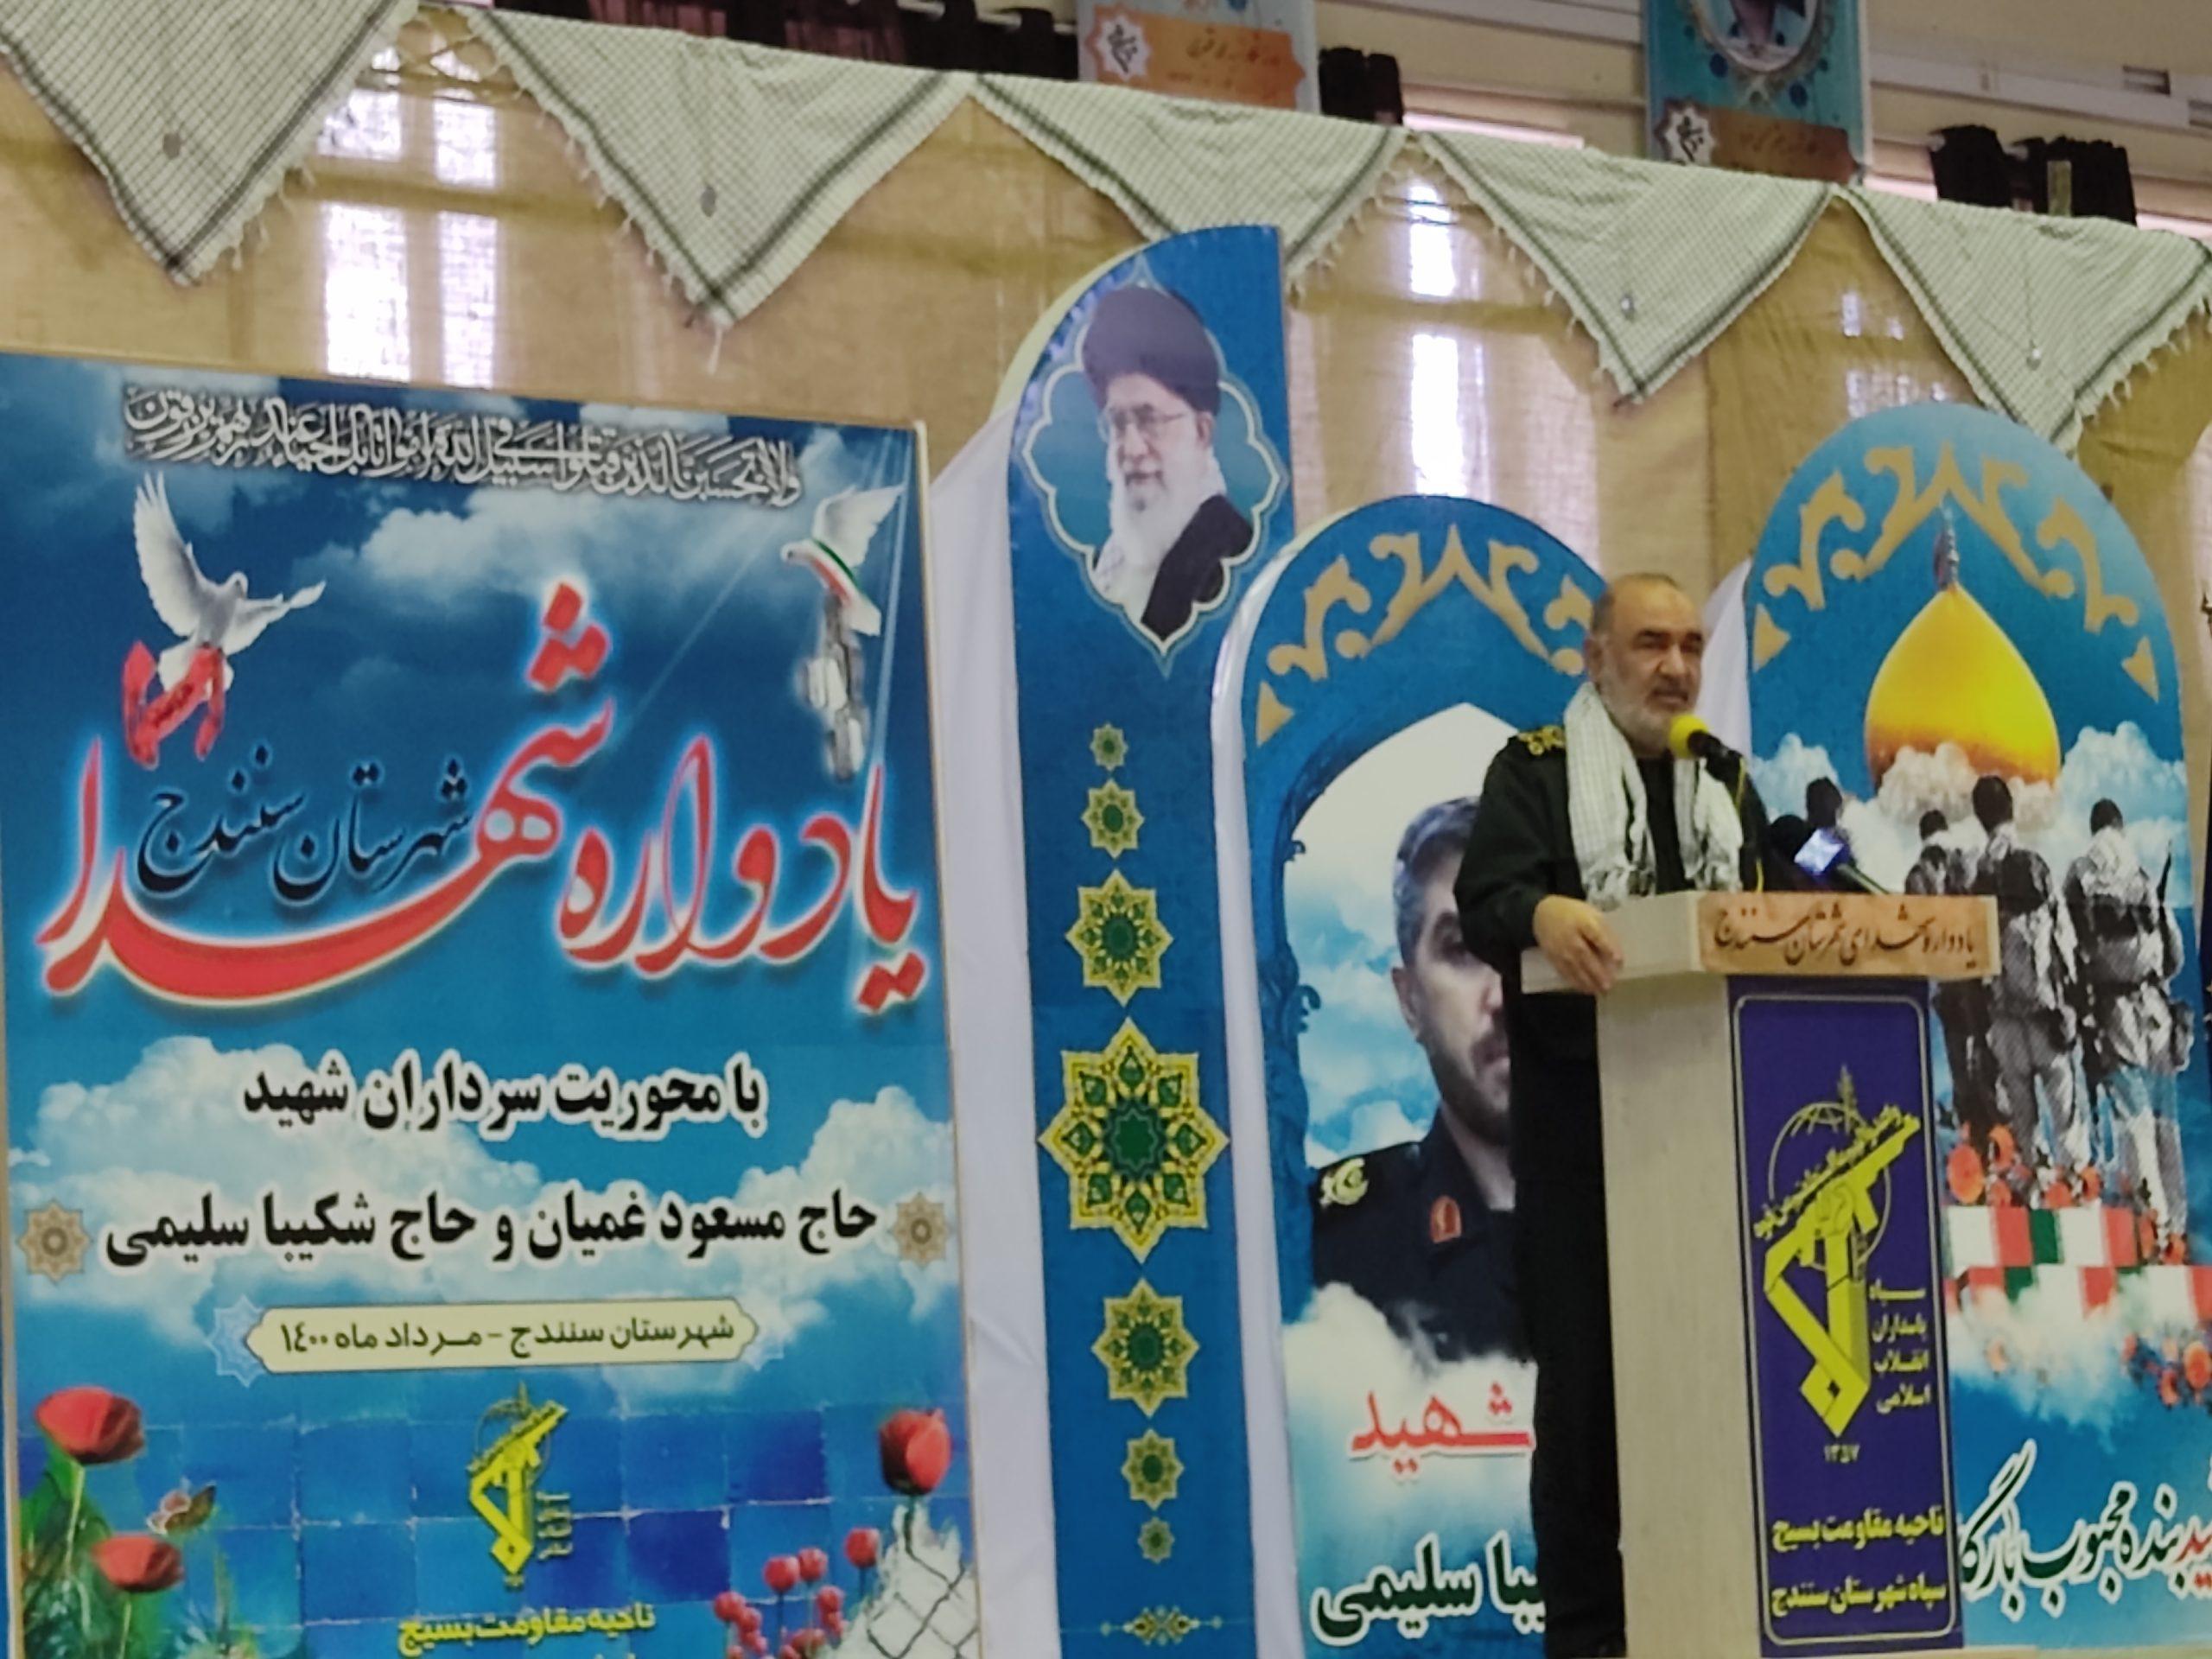 کردستان، قبرستان سیاست های دشمنان ما است /  مردم خوزستان به سرعت ستون خود را از عناصر متصل به دشمن جدا کردند